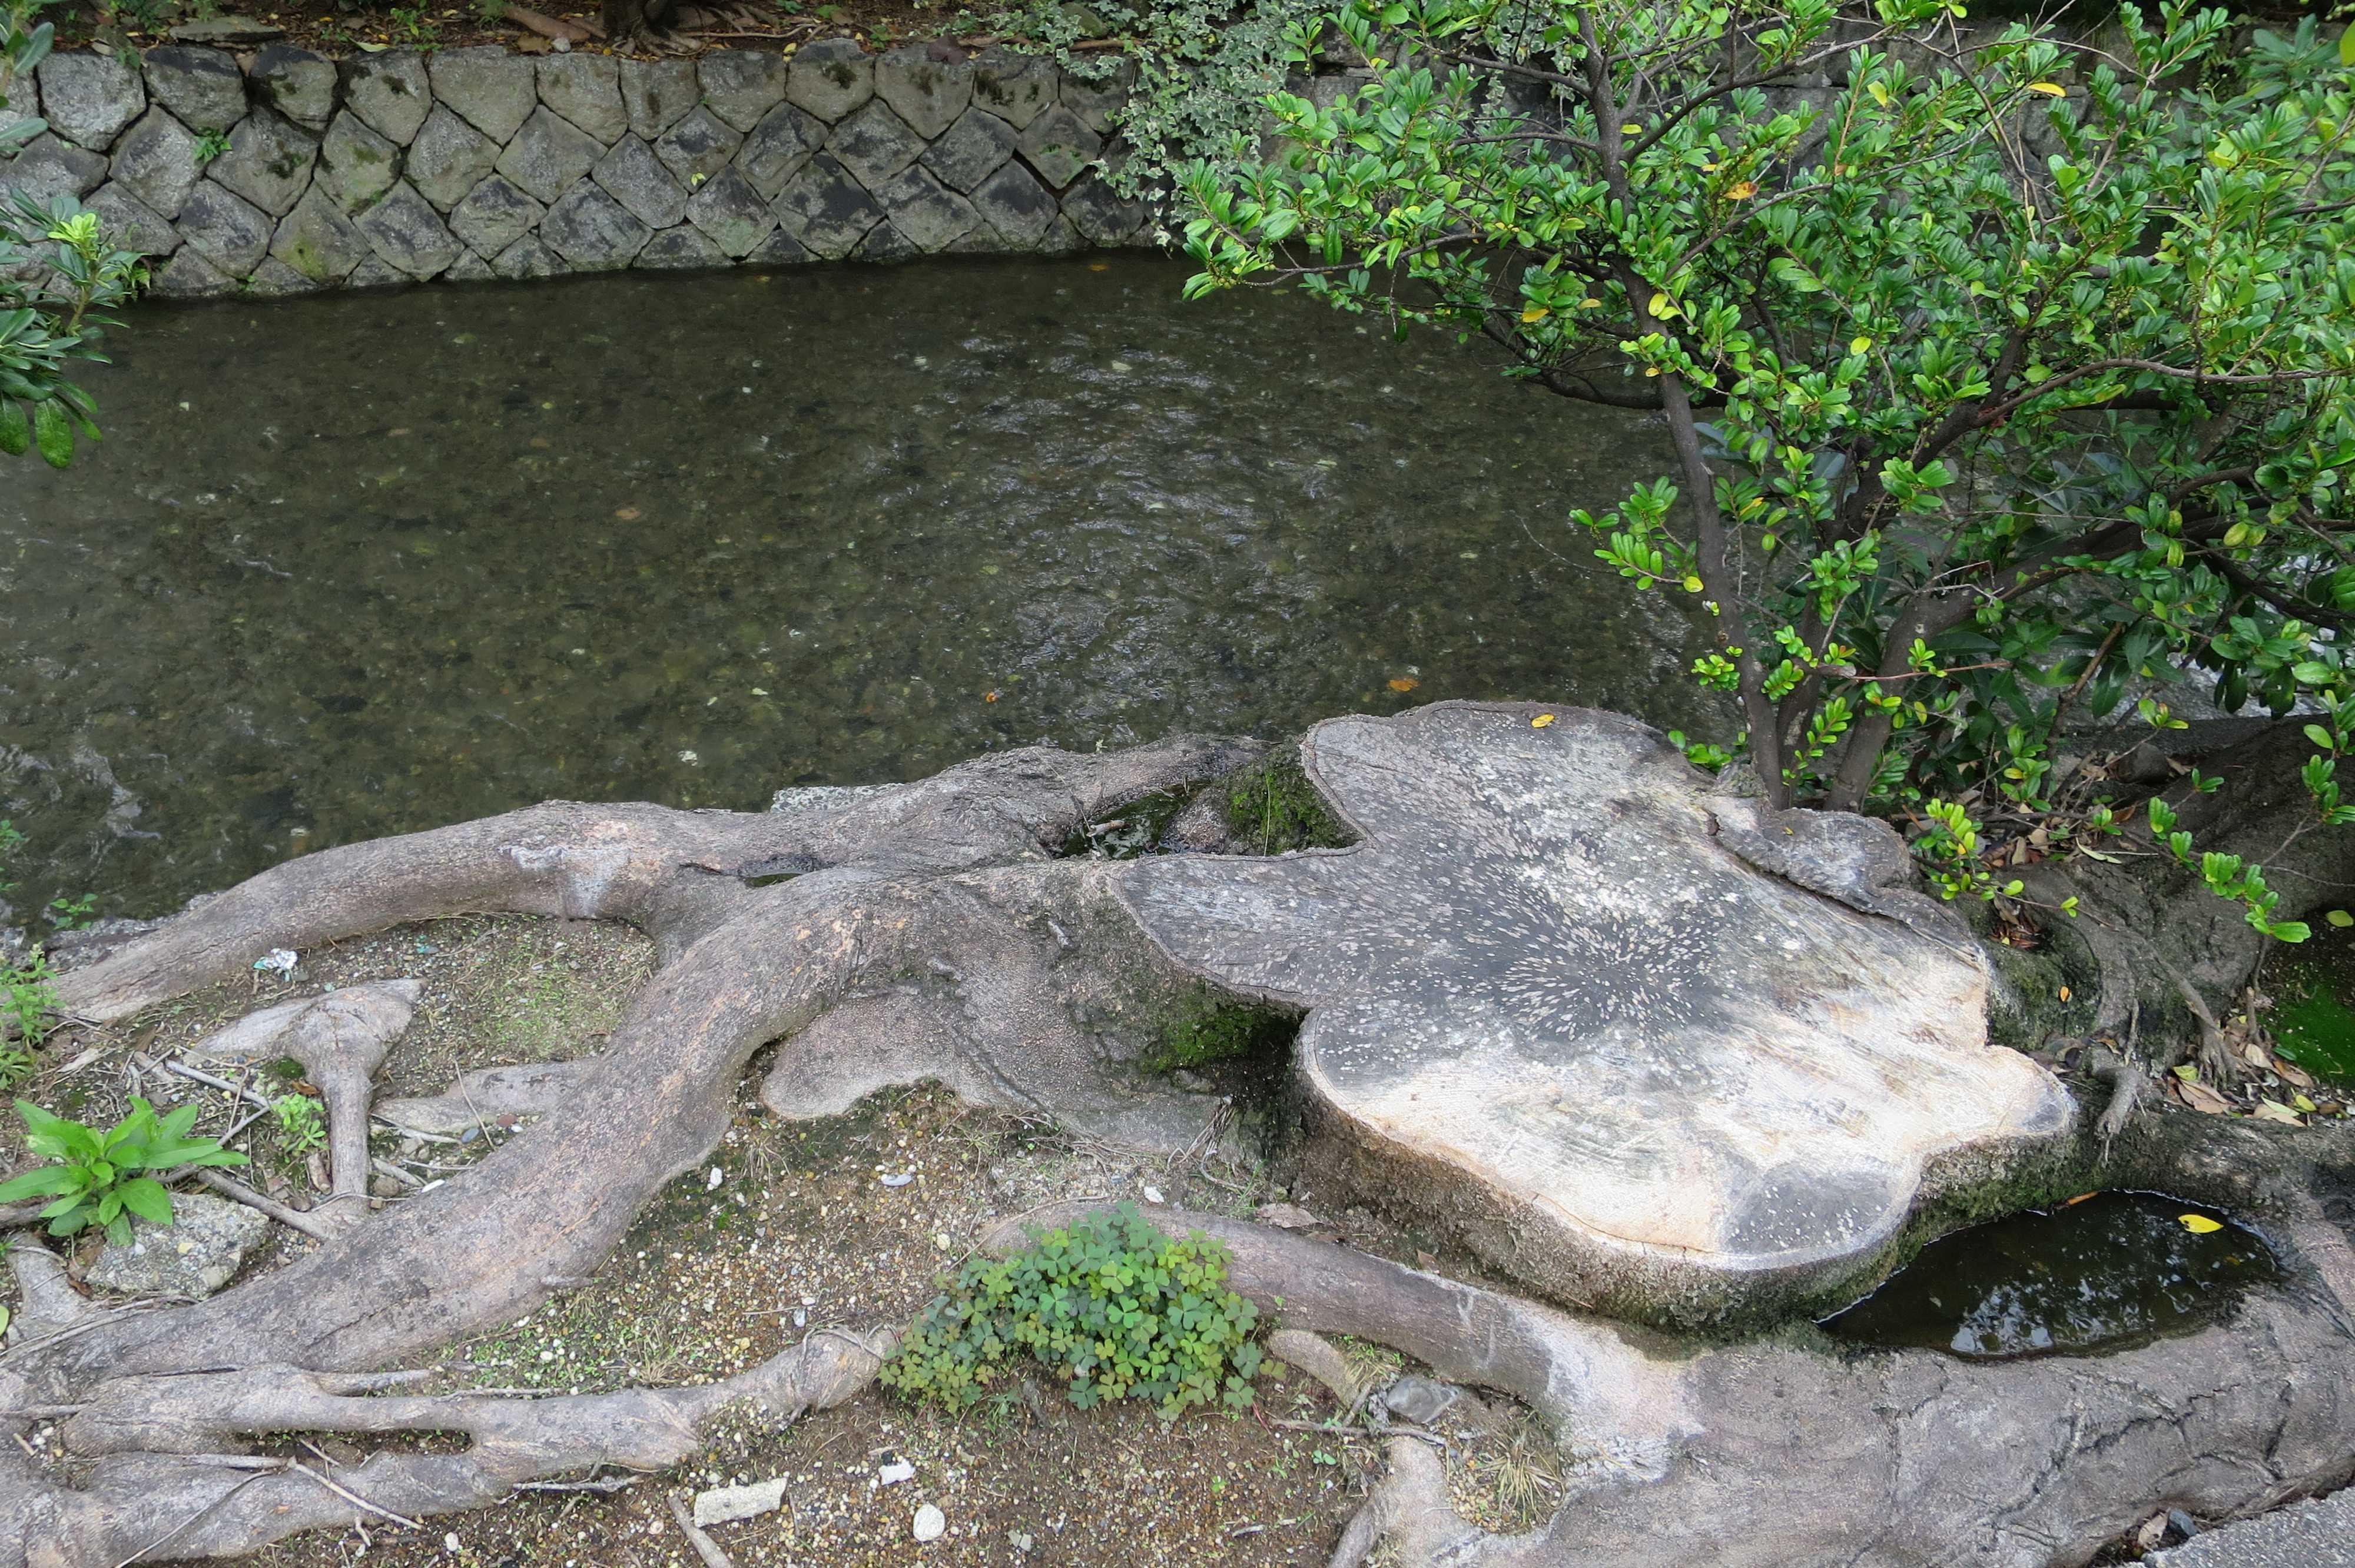 京都・五条楽園 - 高瀬川沿いの木の切り株